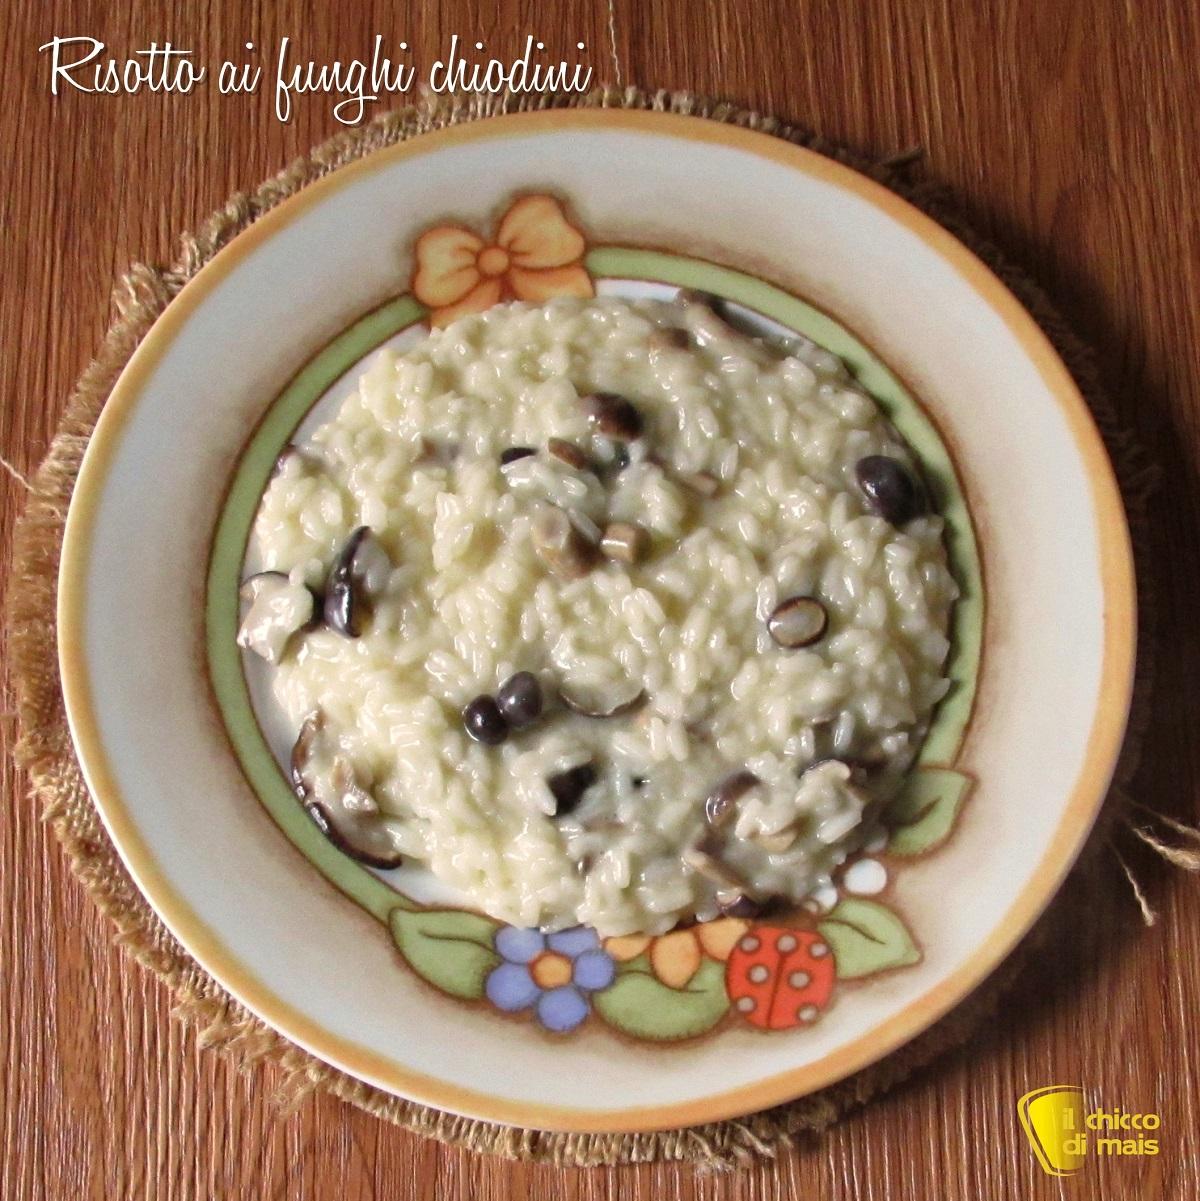 quadrata_risotto ai funghi chiodini cremoso ricetta autunnale il chicco di mais